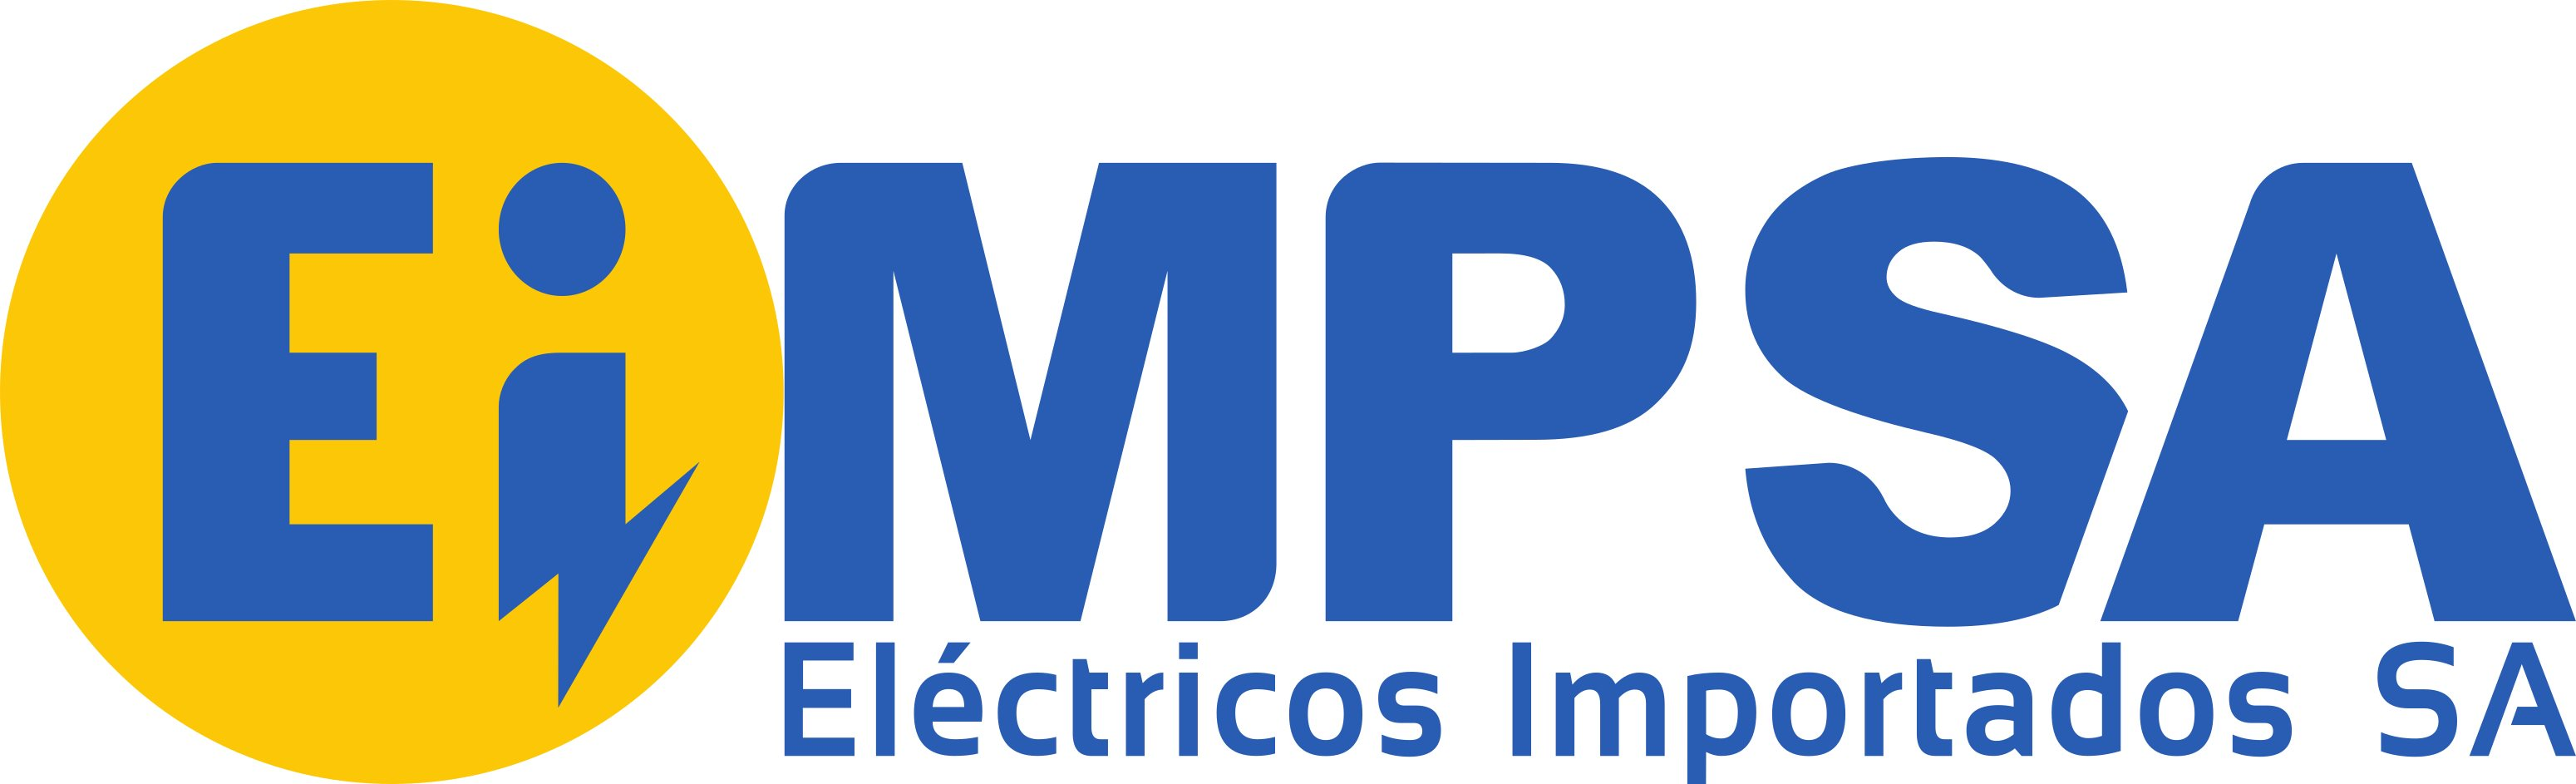 ELECTRICOS IMPORTADOS S.A.